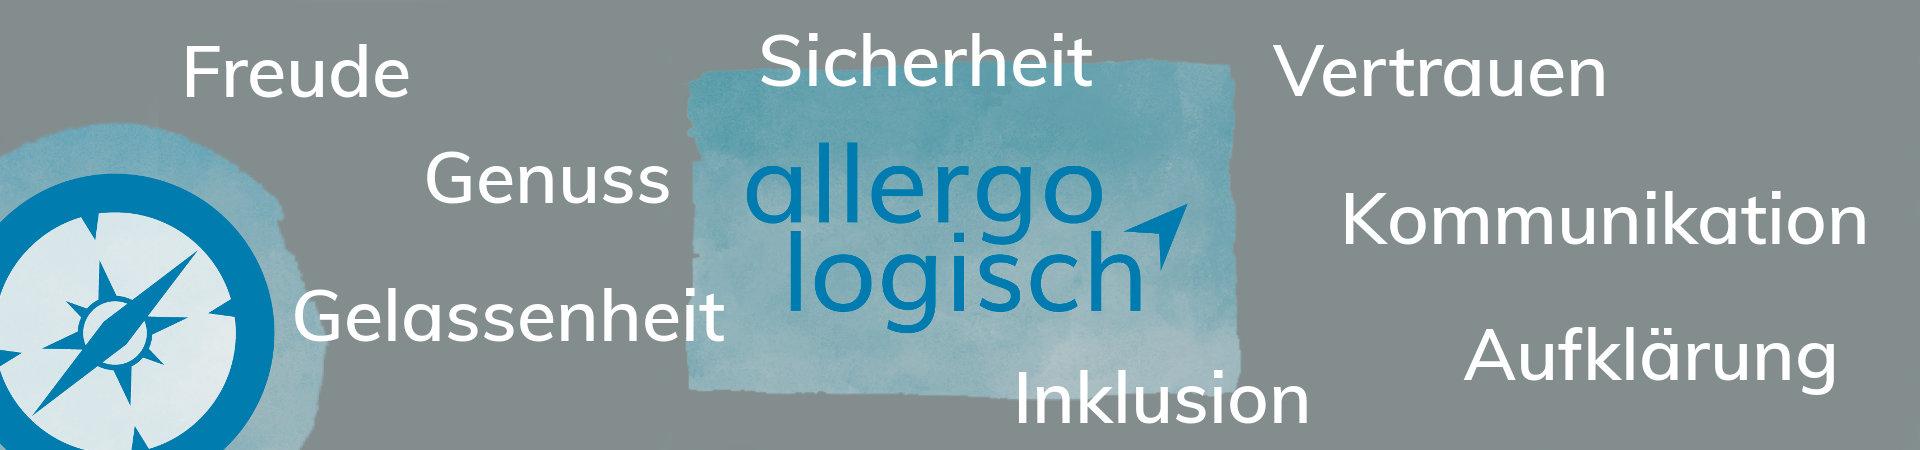 Allergo-logisch Anaphylaxie Nussallergie